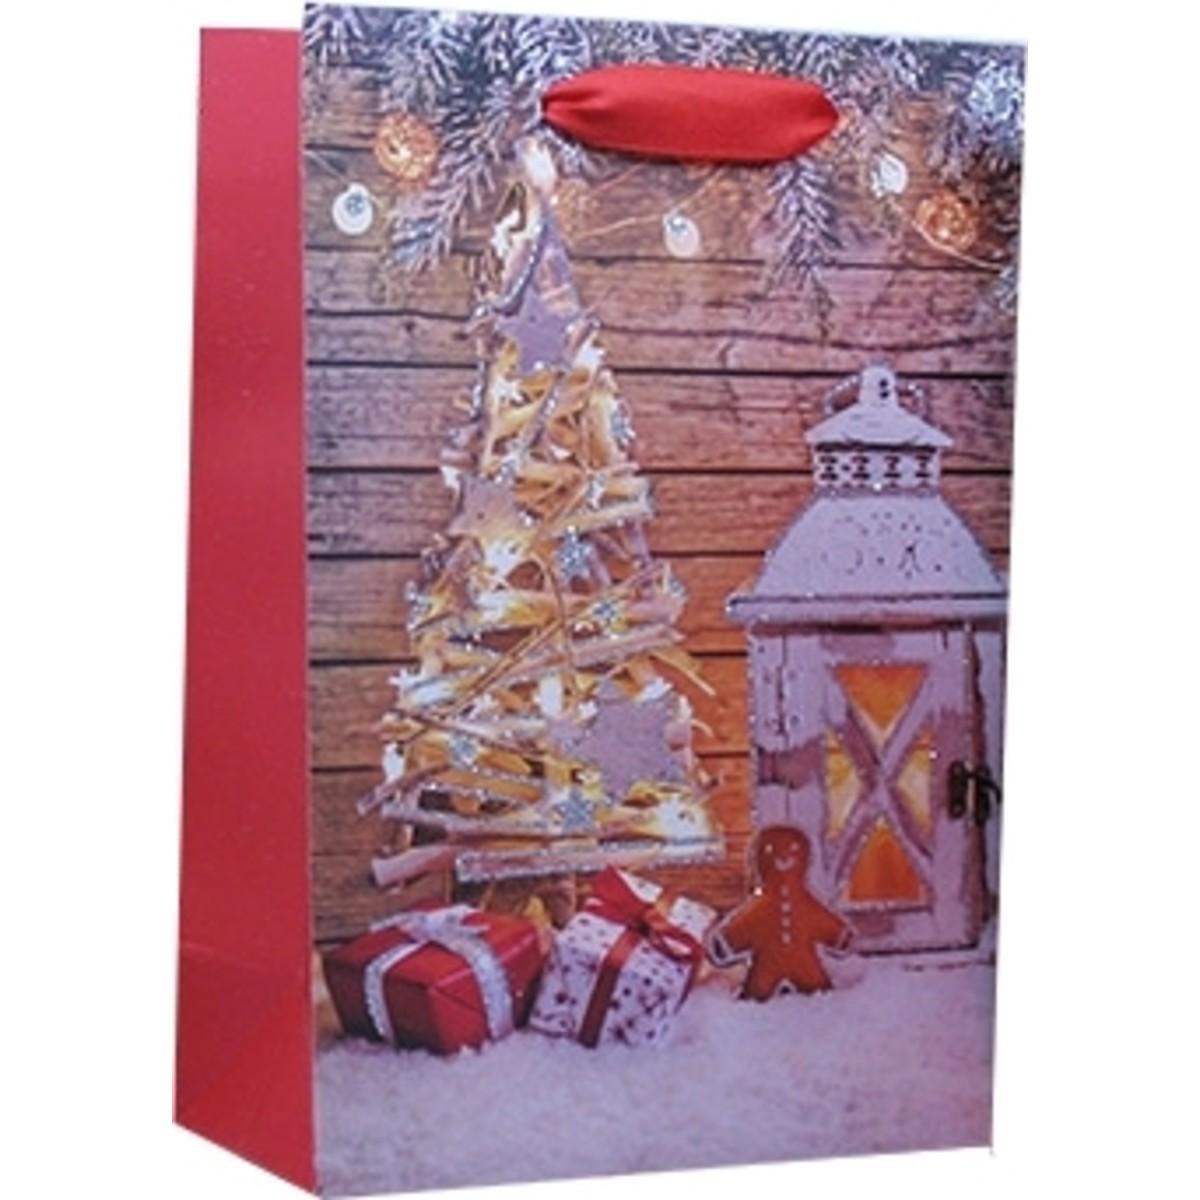 Пакет подарочный Новогодняя Елка 17.5 см